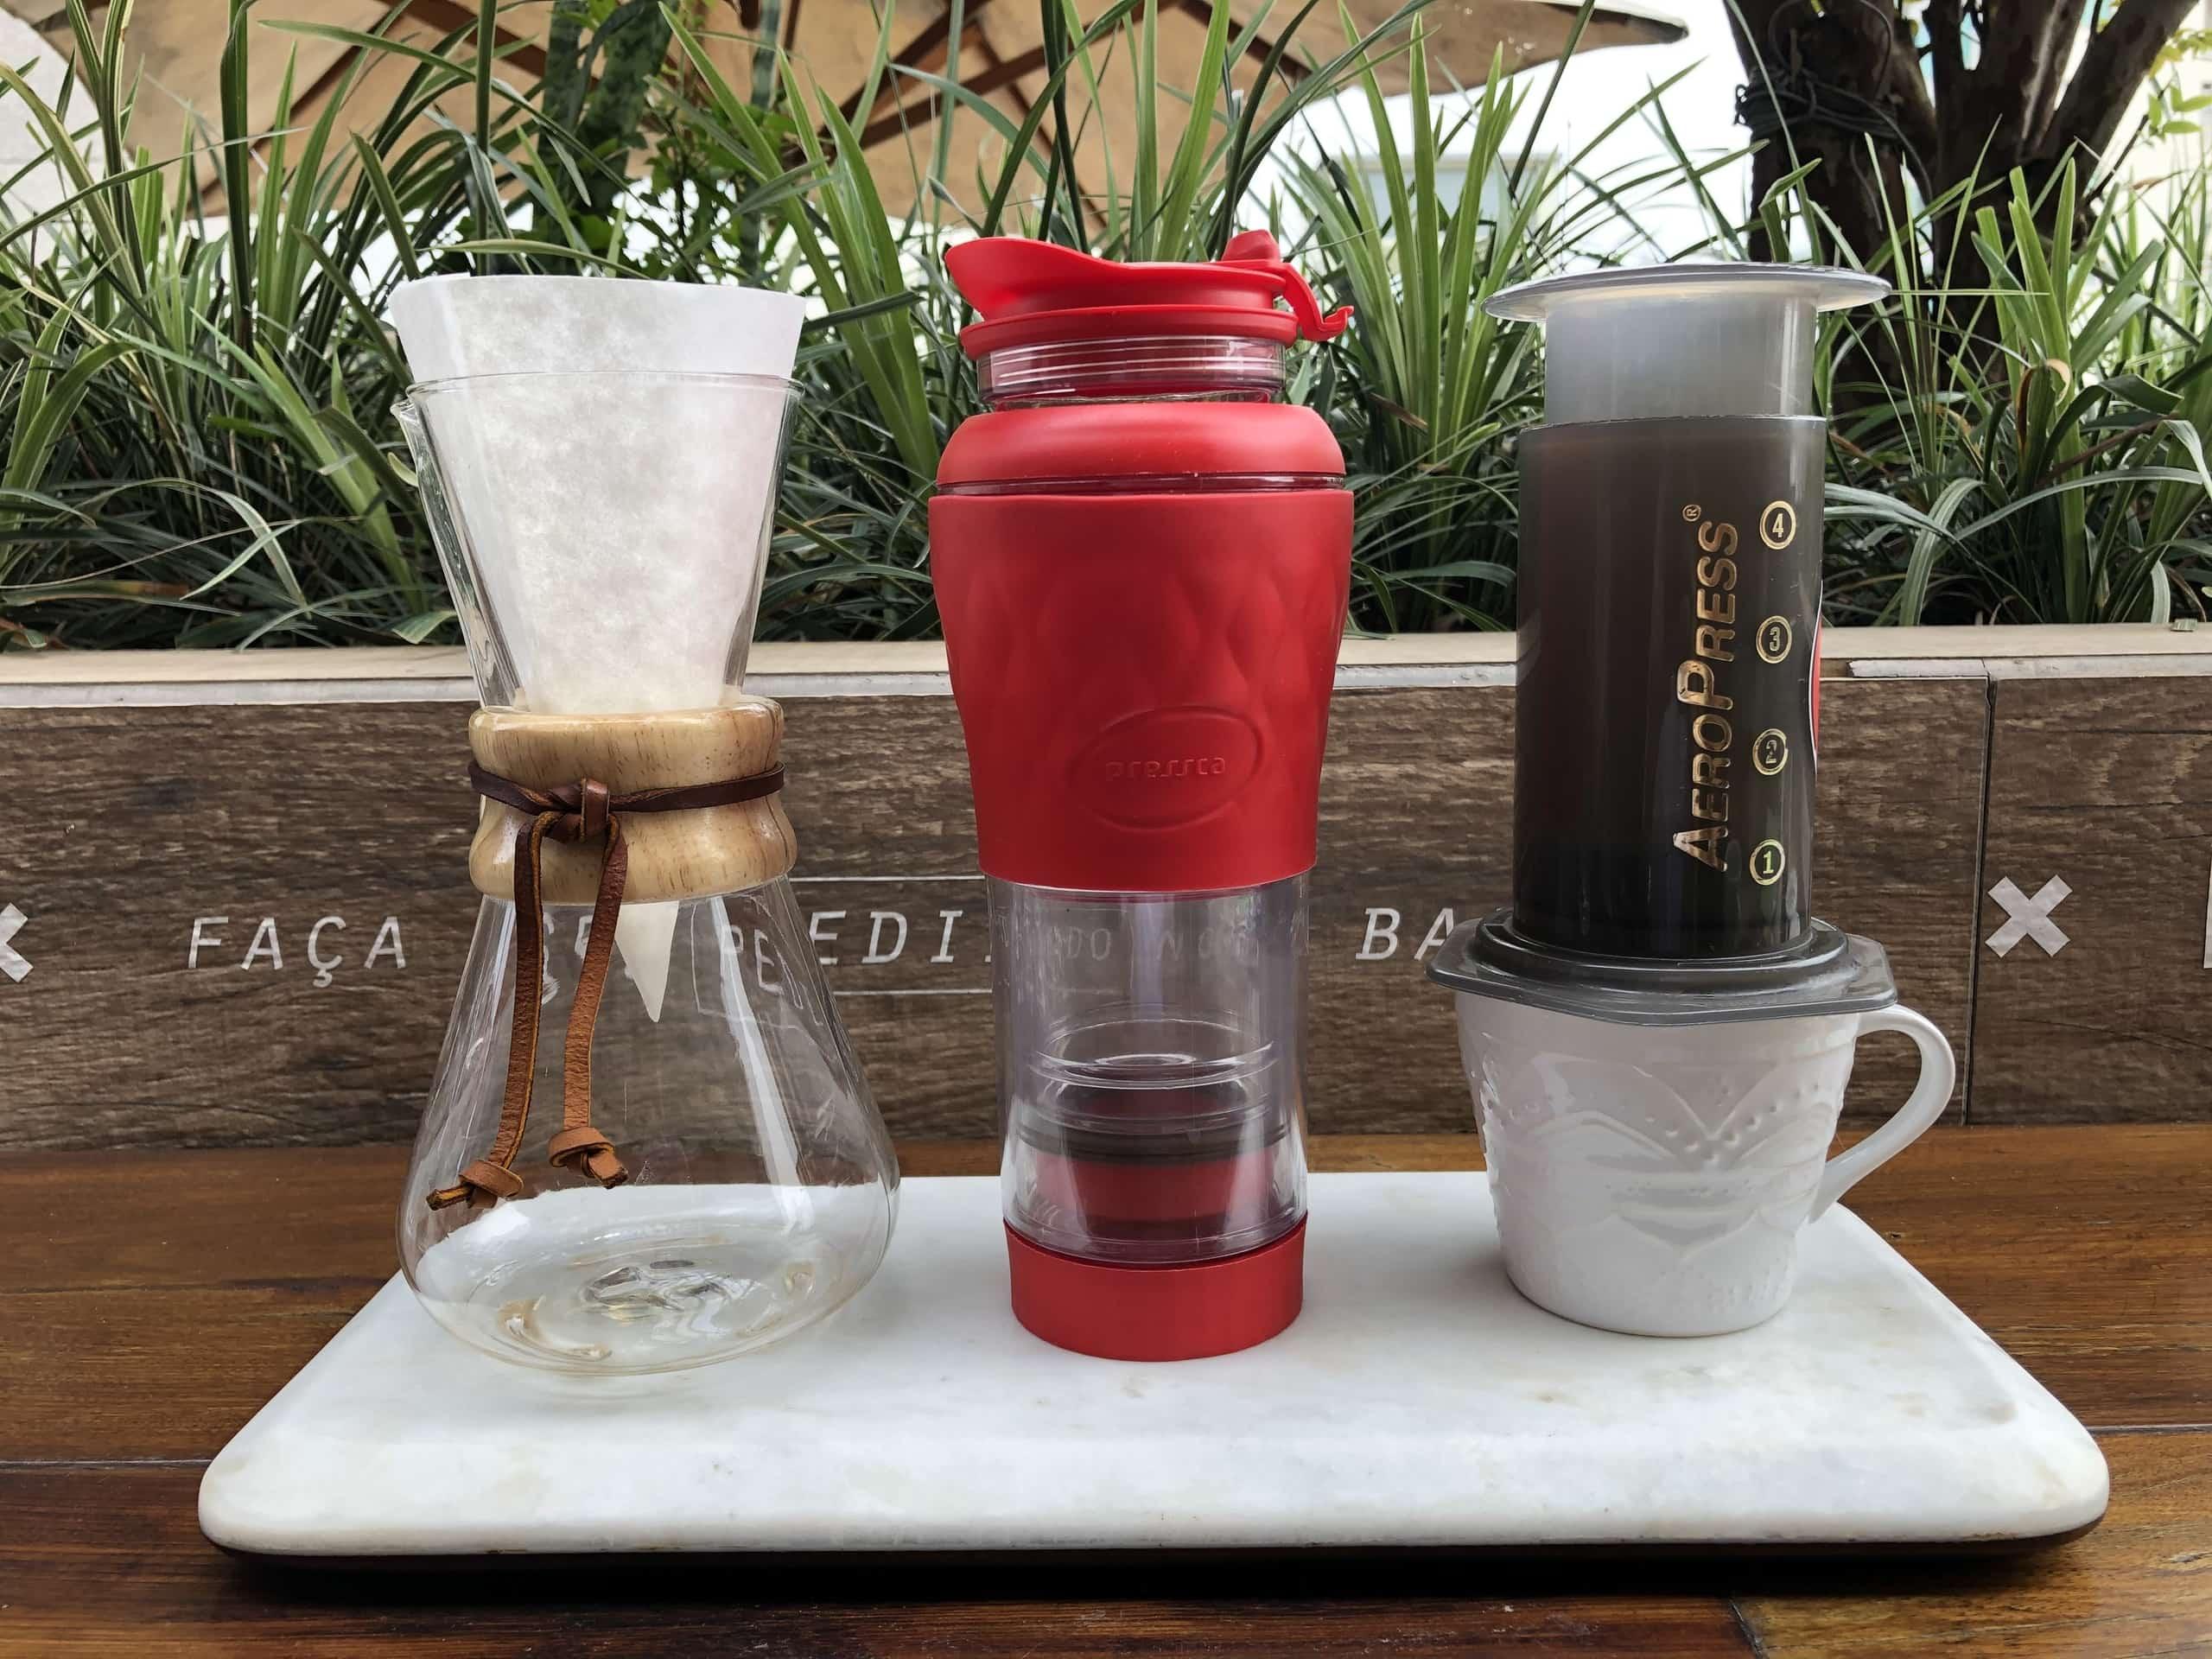 Imagem: Métodos de preparo do café especial, respectivamente: Chemex, Pressca e AeroPress. Foto: Arquiteca Projetos Afetivos.